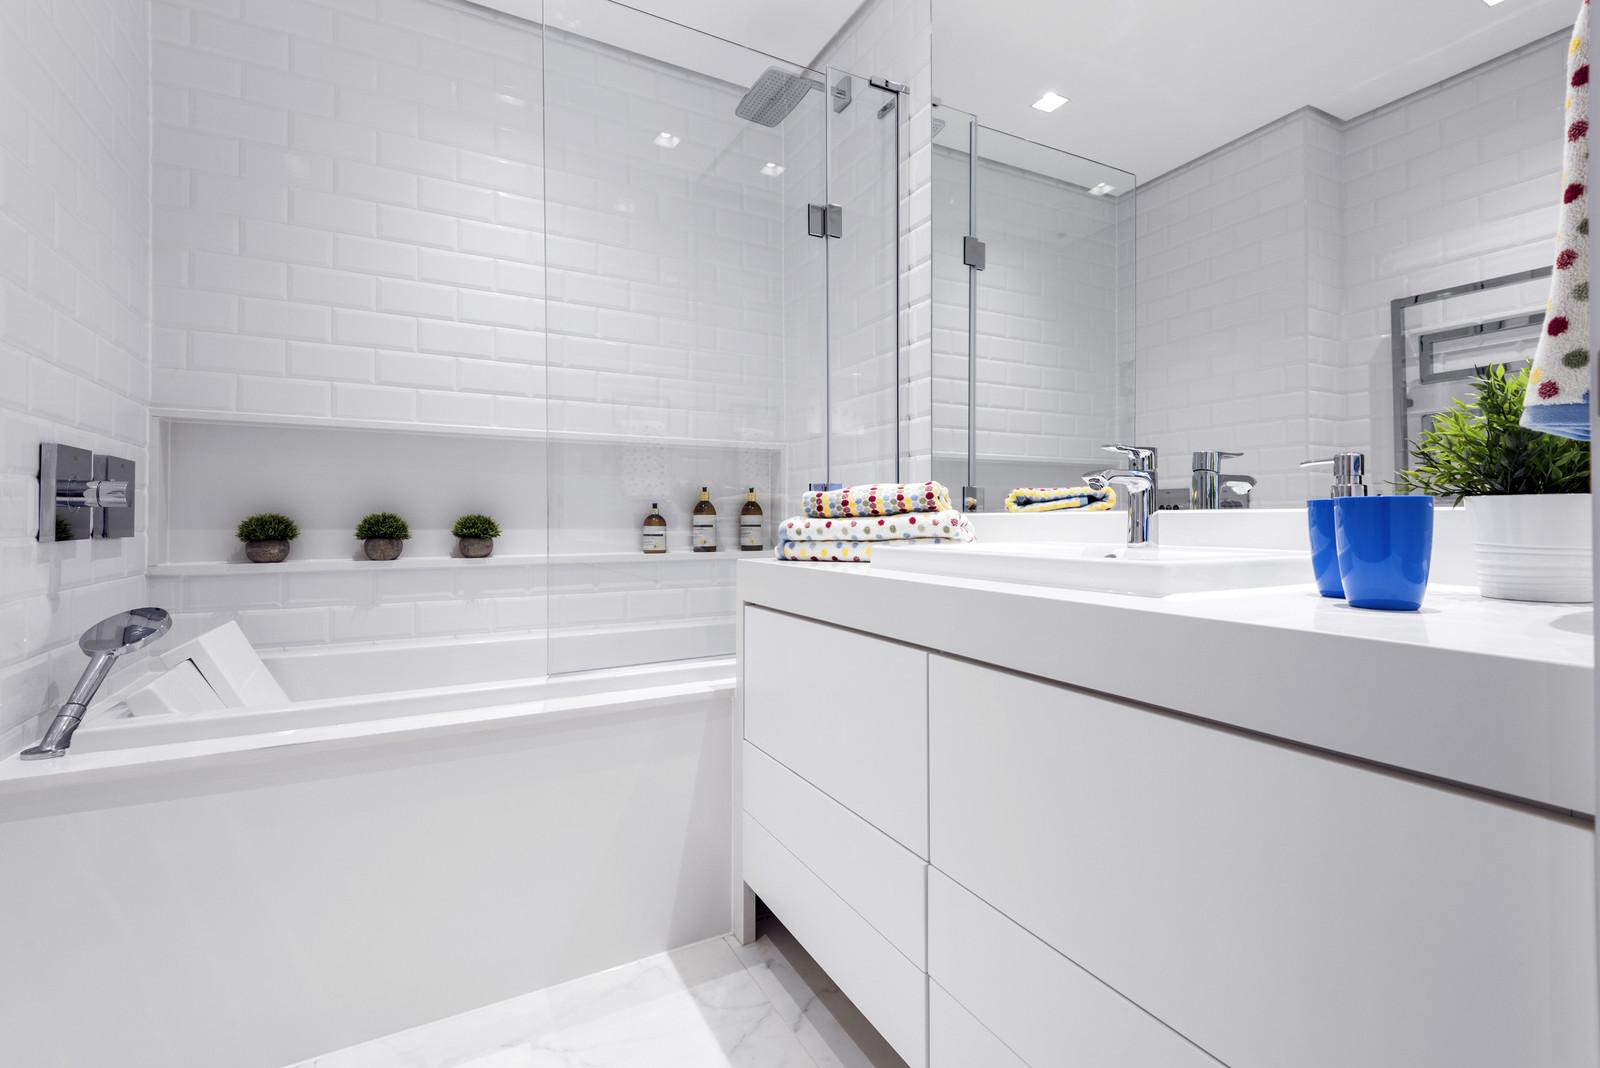 Erfreut Farbtrends Küchengeräte Bilder - Ideen Für Die Küche ...